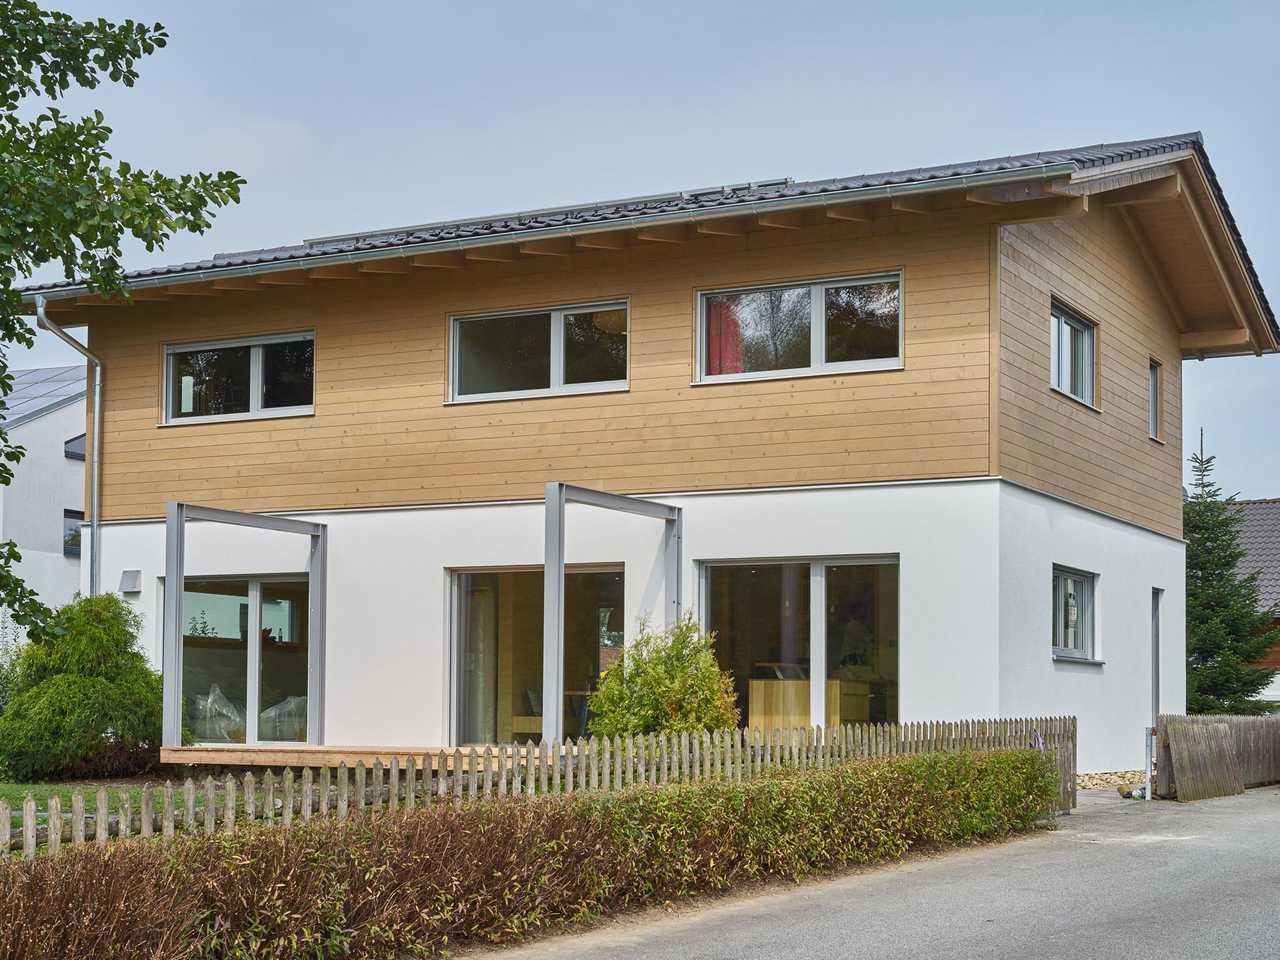 Referenzhaus Casa-Vita Außenansicht 2